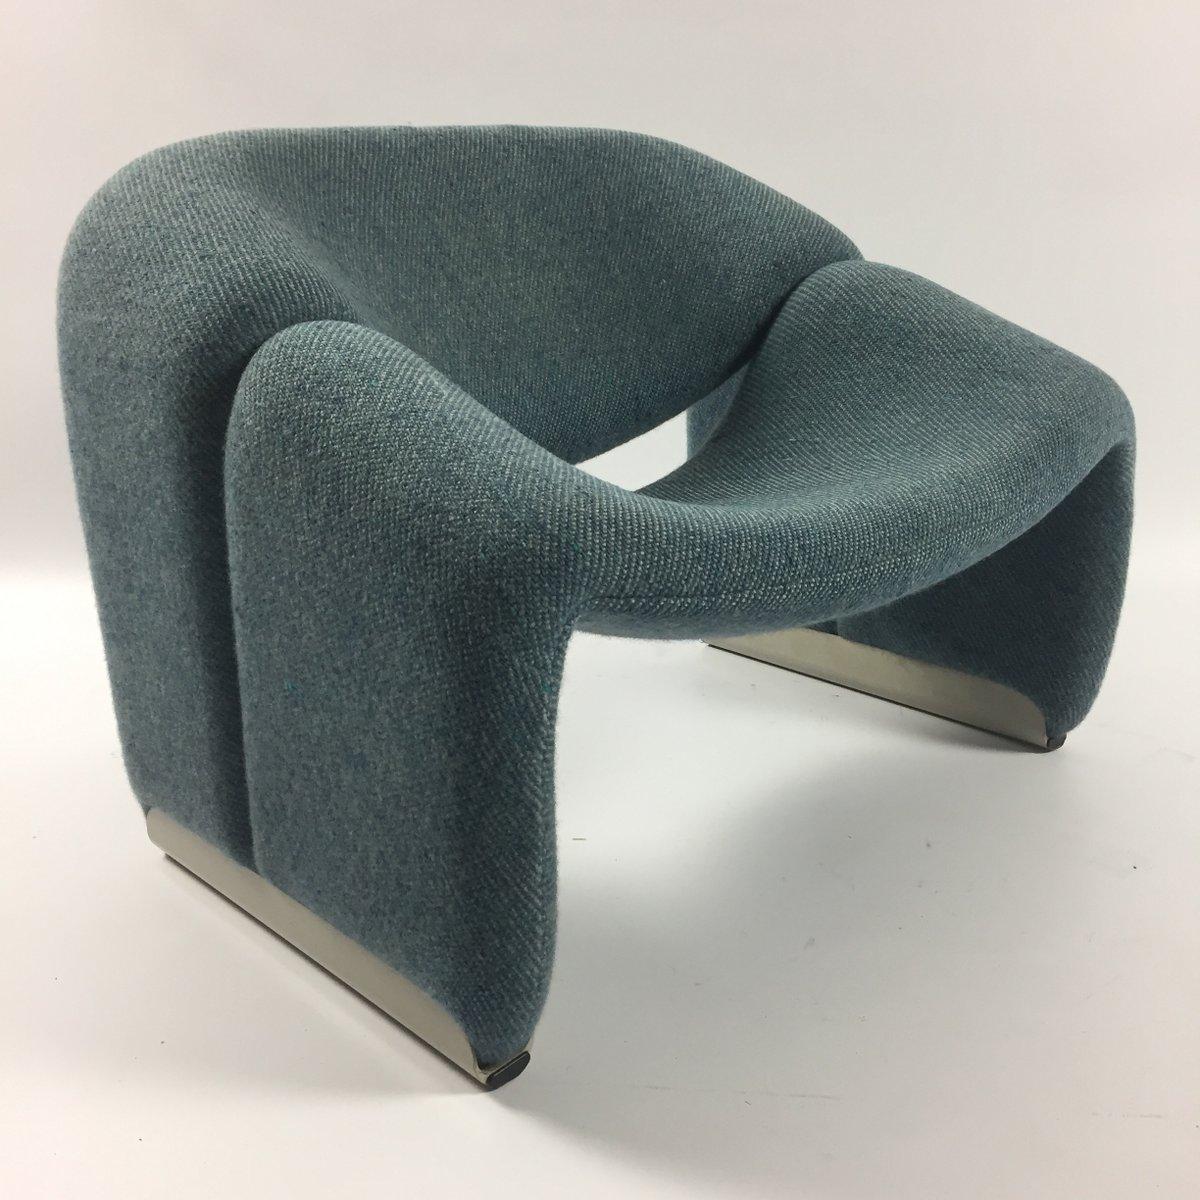 fauteuil groovy f598 m par pierre paulin pour artifort 1980s en vente sur pamono. Black Bedroom Furniture Sets. Home Design Ideas